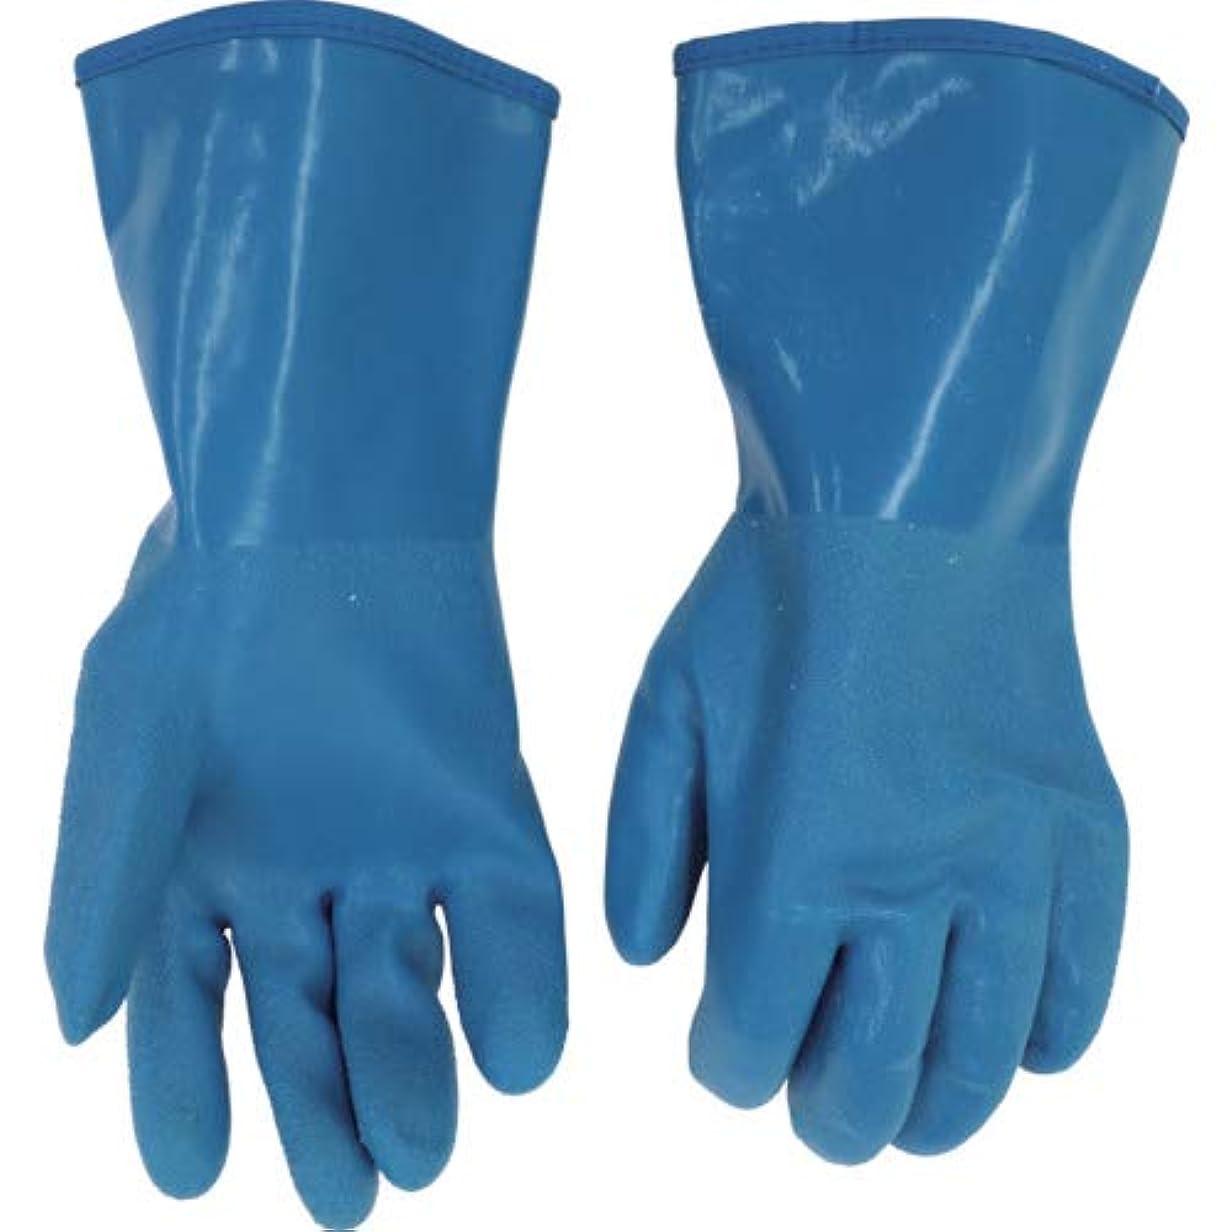 無革命的雇ったミエローブ ハイブリット防寒手袋 ブルー L